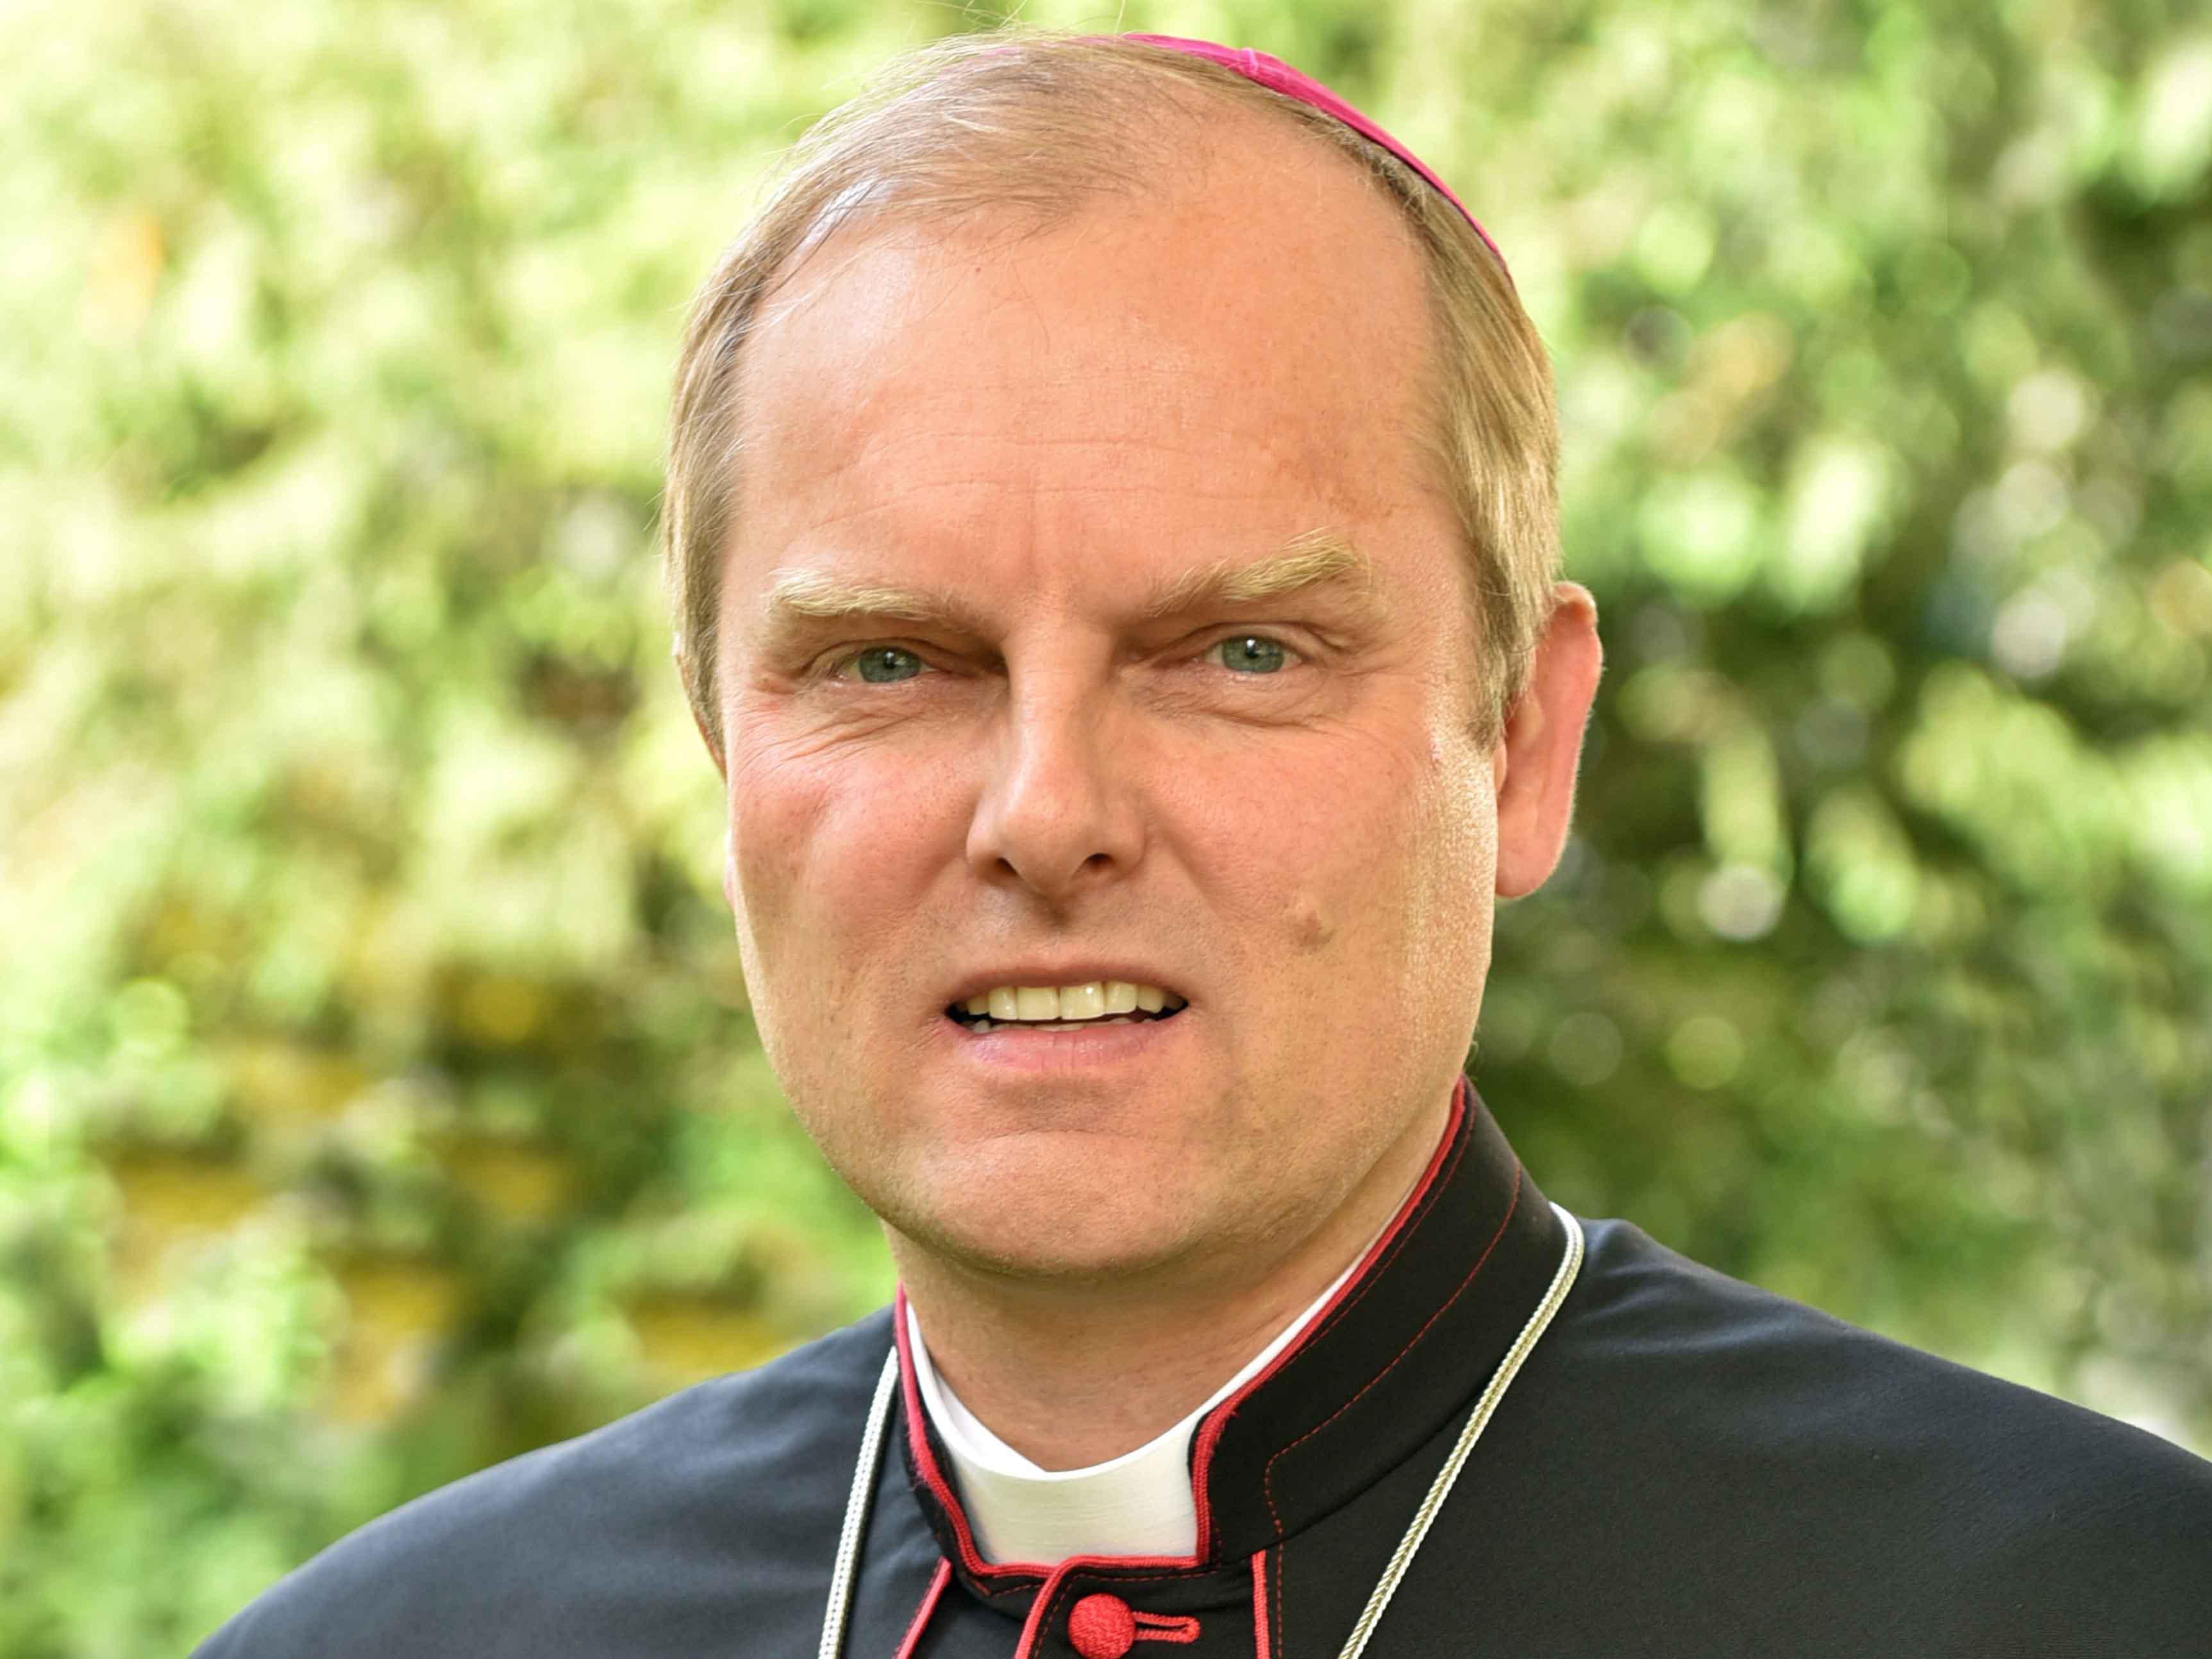 Weihbischof Florian Wörner. (Foto: Nicolas Schnall / pba)